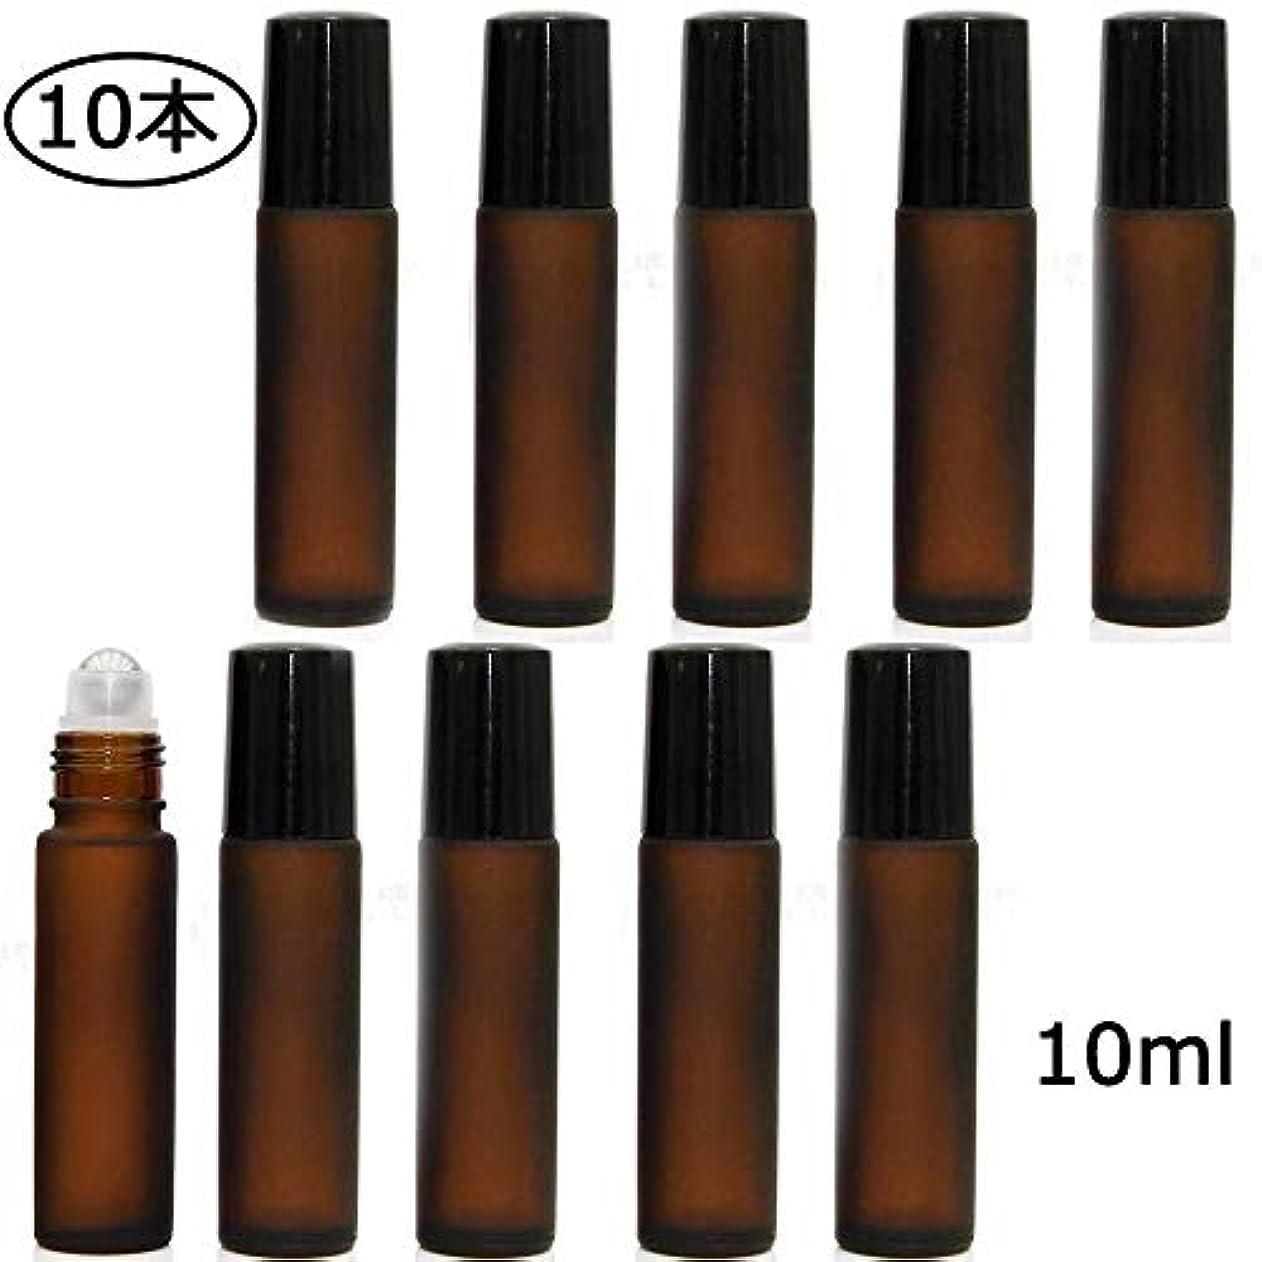 うんざり幅差gundoop ロールオンボトル アロマオイル 精油 小分け用 遮光瓶 10ml 10本セット ガラスロールタイプ (茶色)